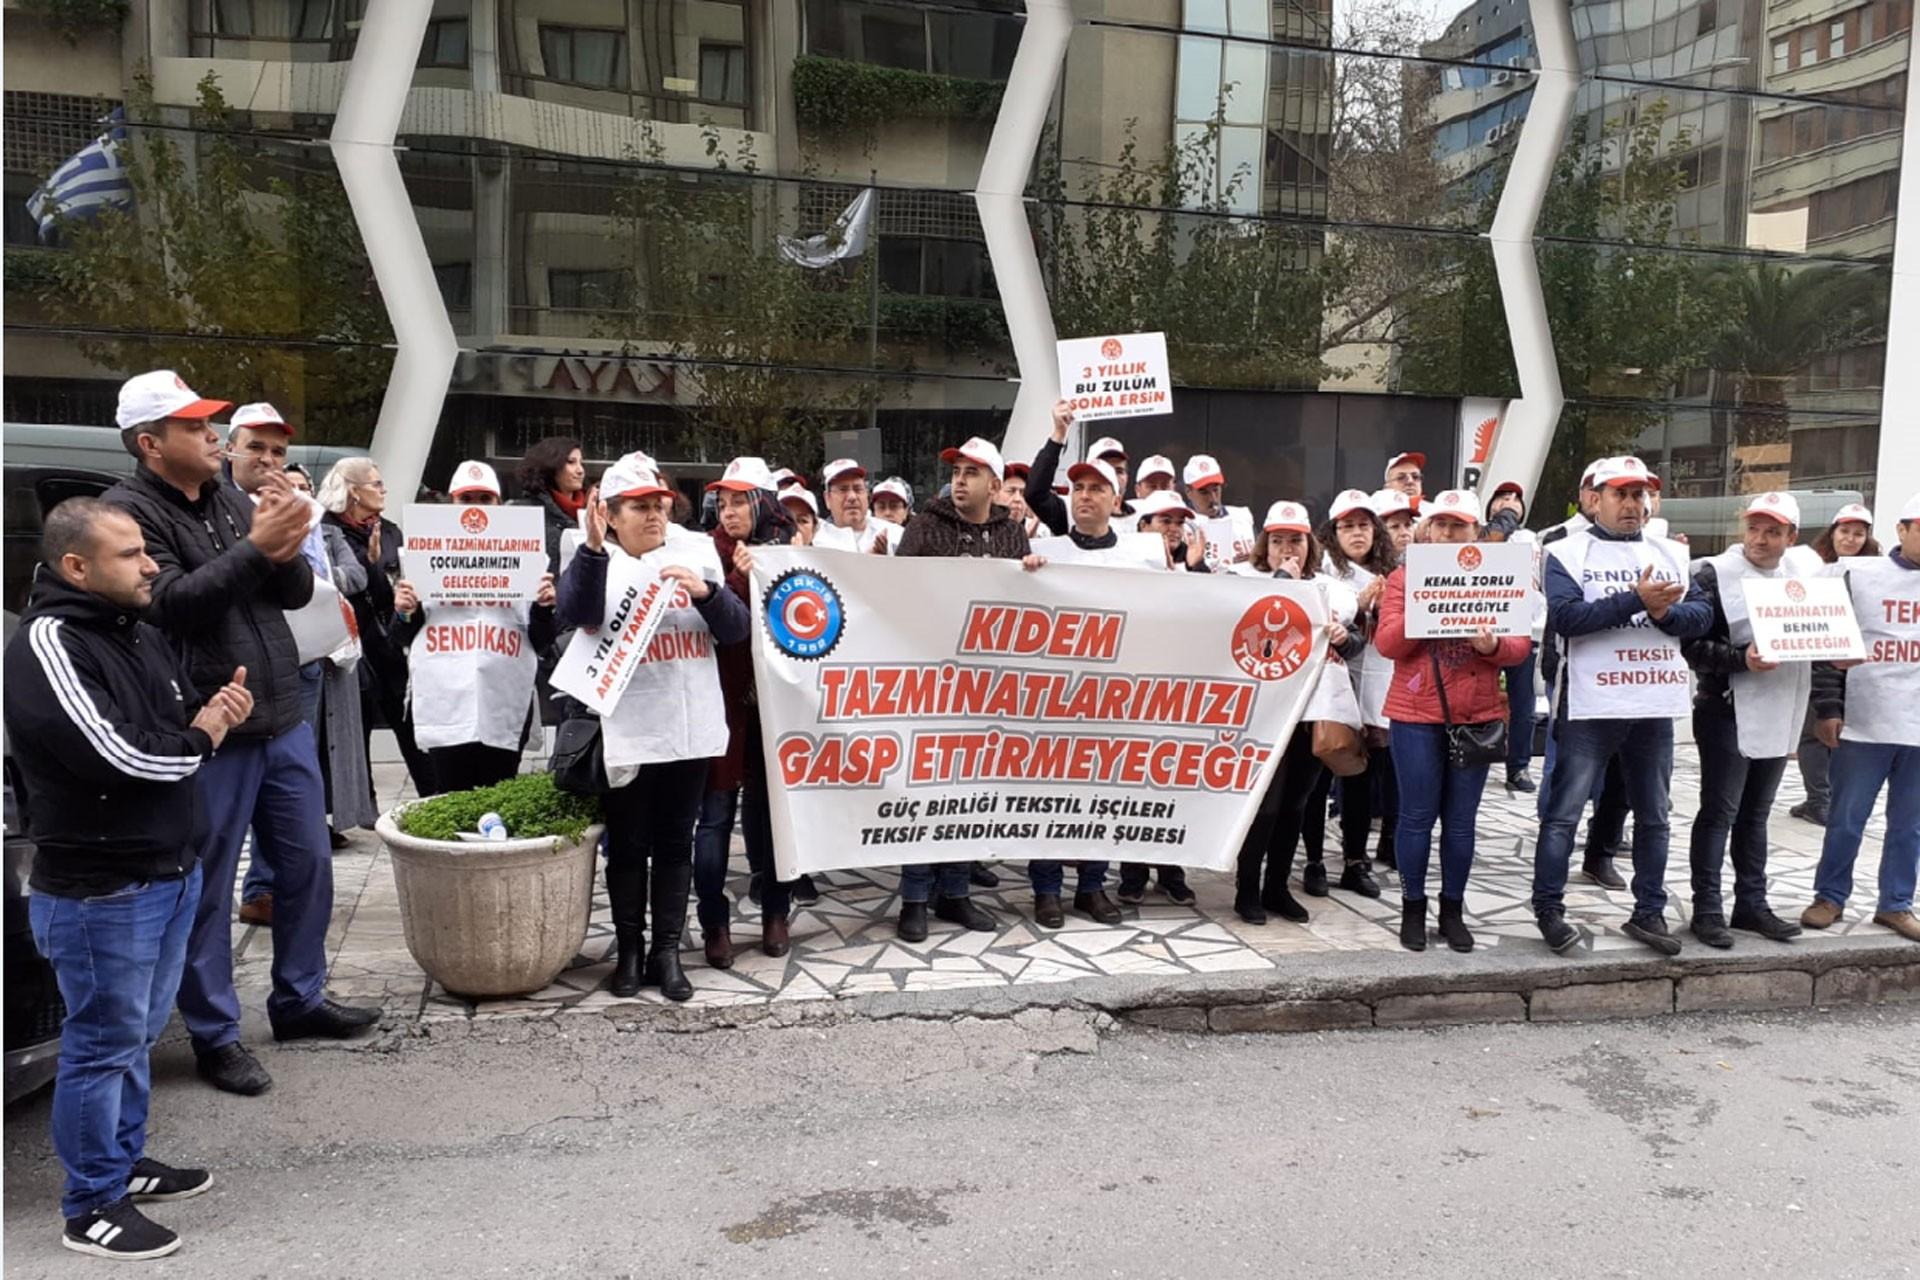 Teksif Sendikası üyesi Güçbirliği Tekstil işçileri eylem yaptı